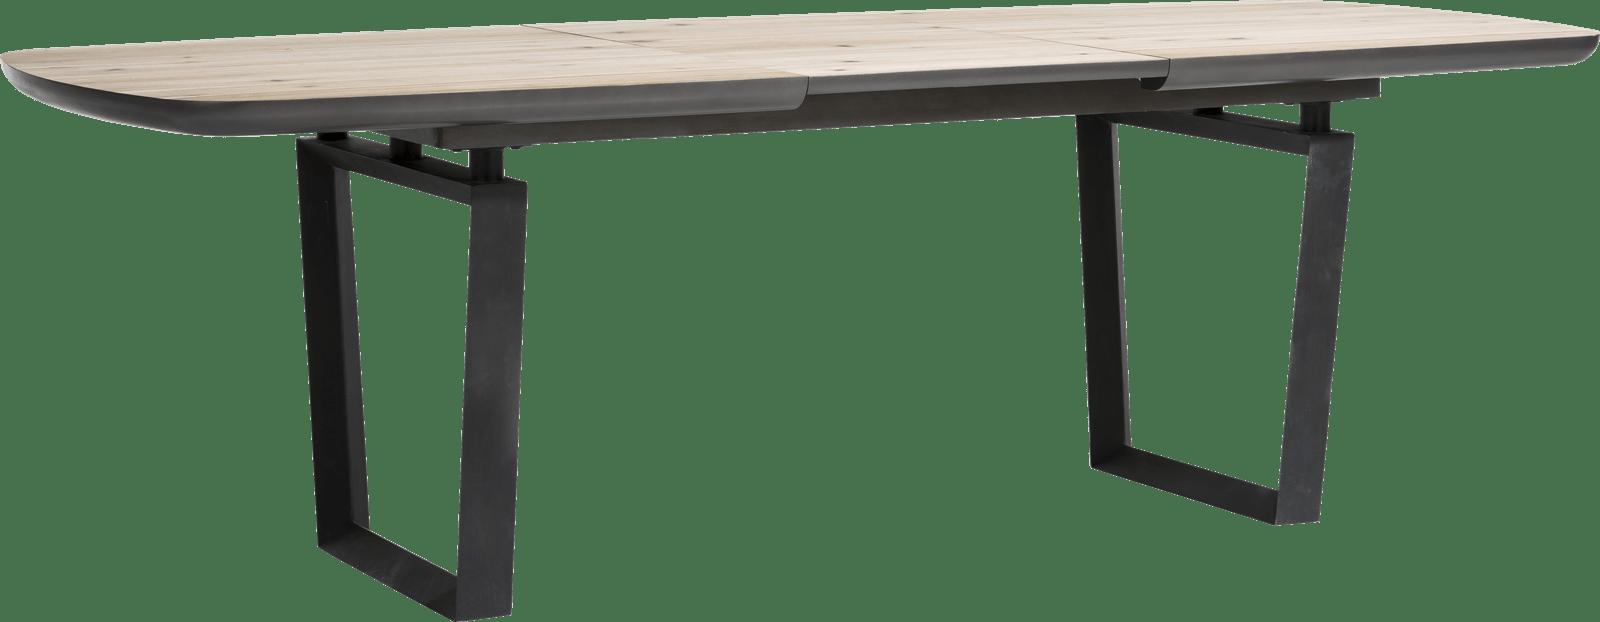 Prato - uitschuiftafel 180 (+ 60) x 100 cm